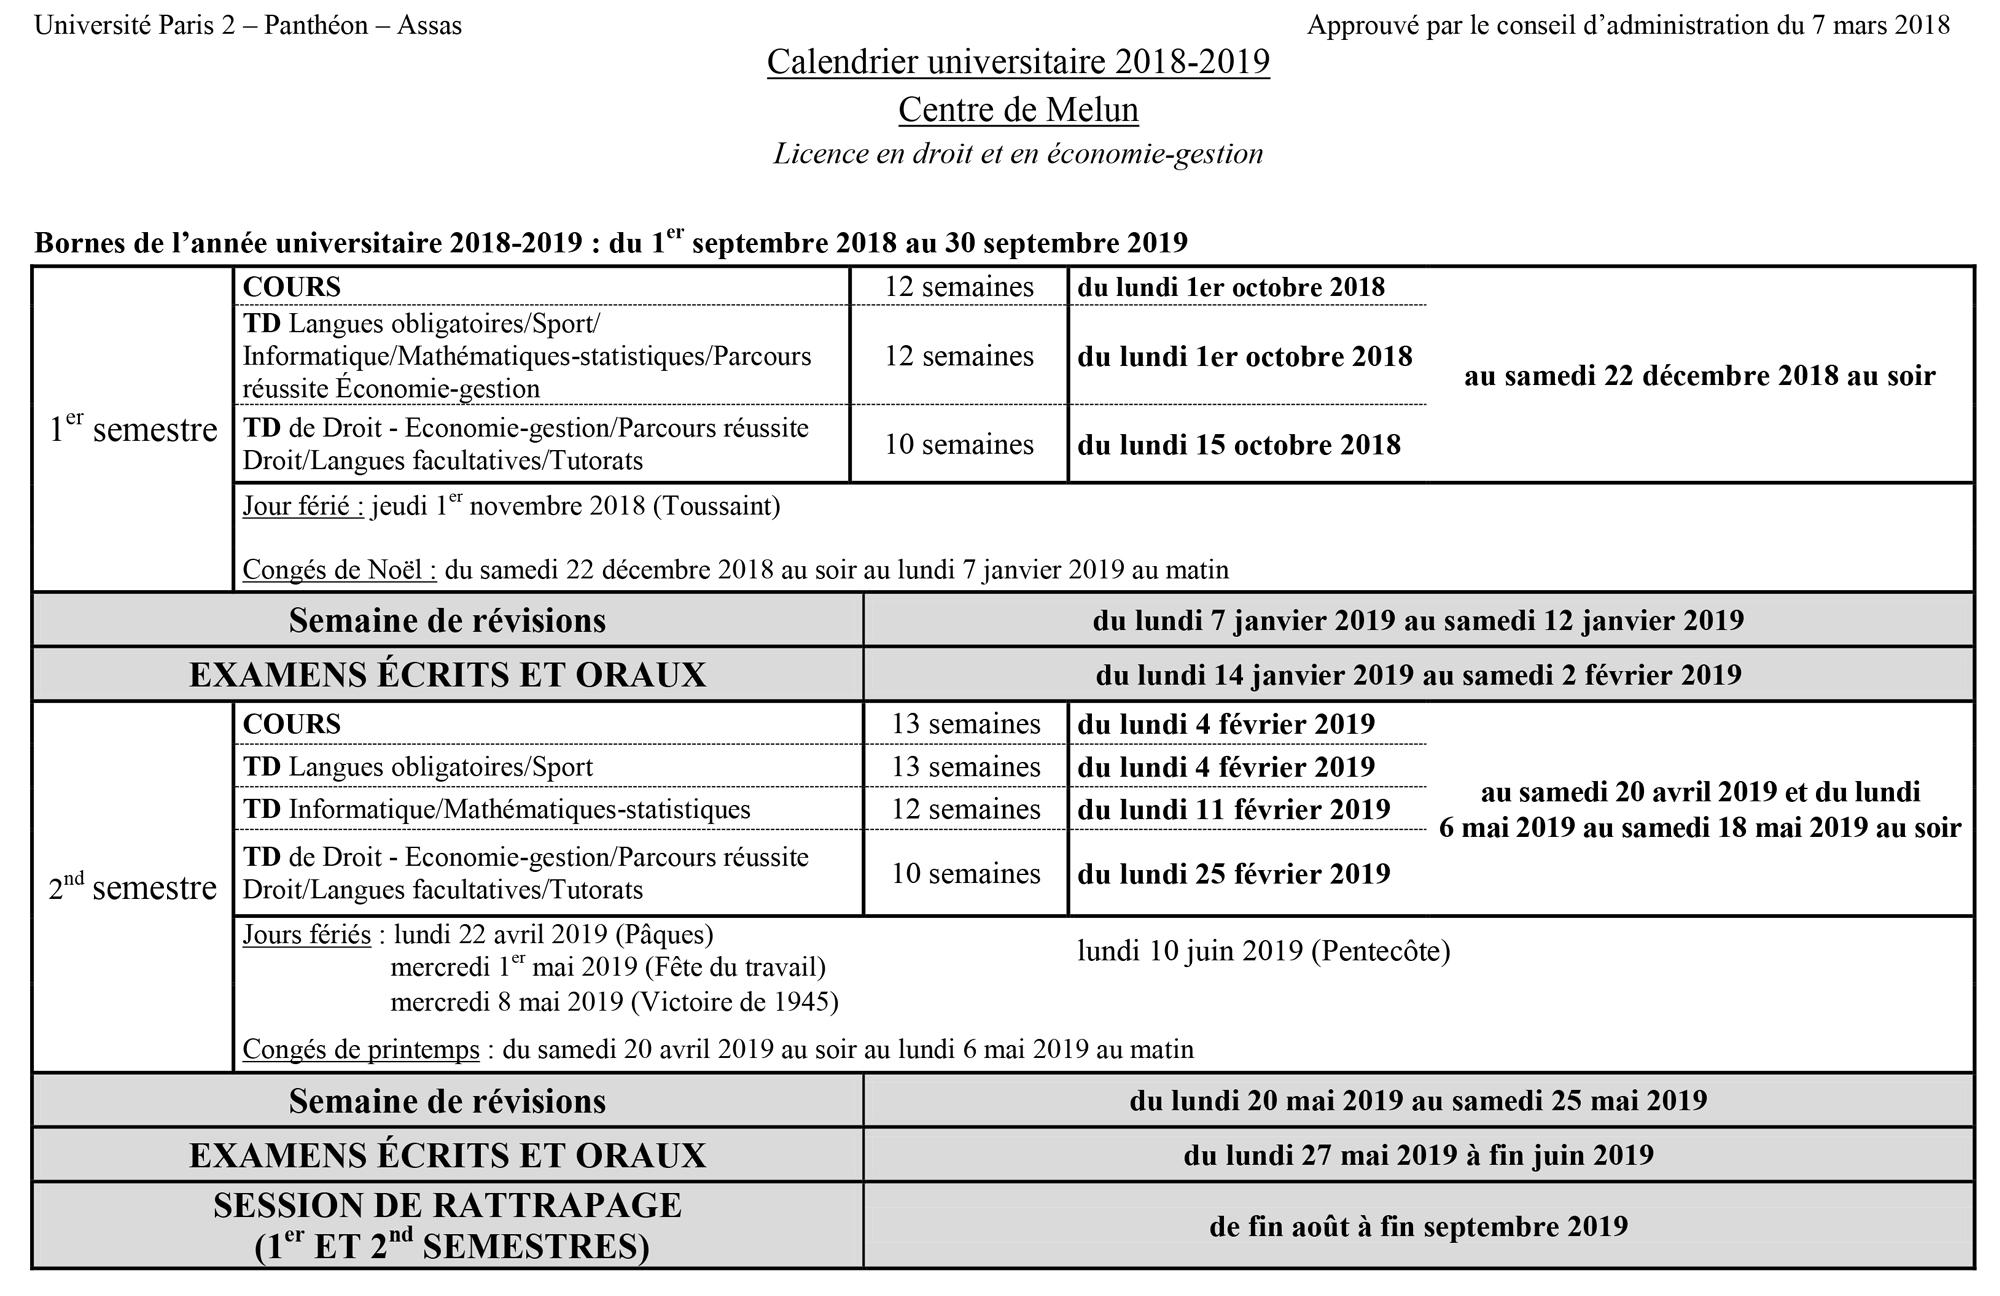 Calendrier universitaire 2018-2019 Licence en droit et en économie-gestion